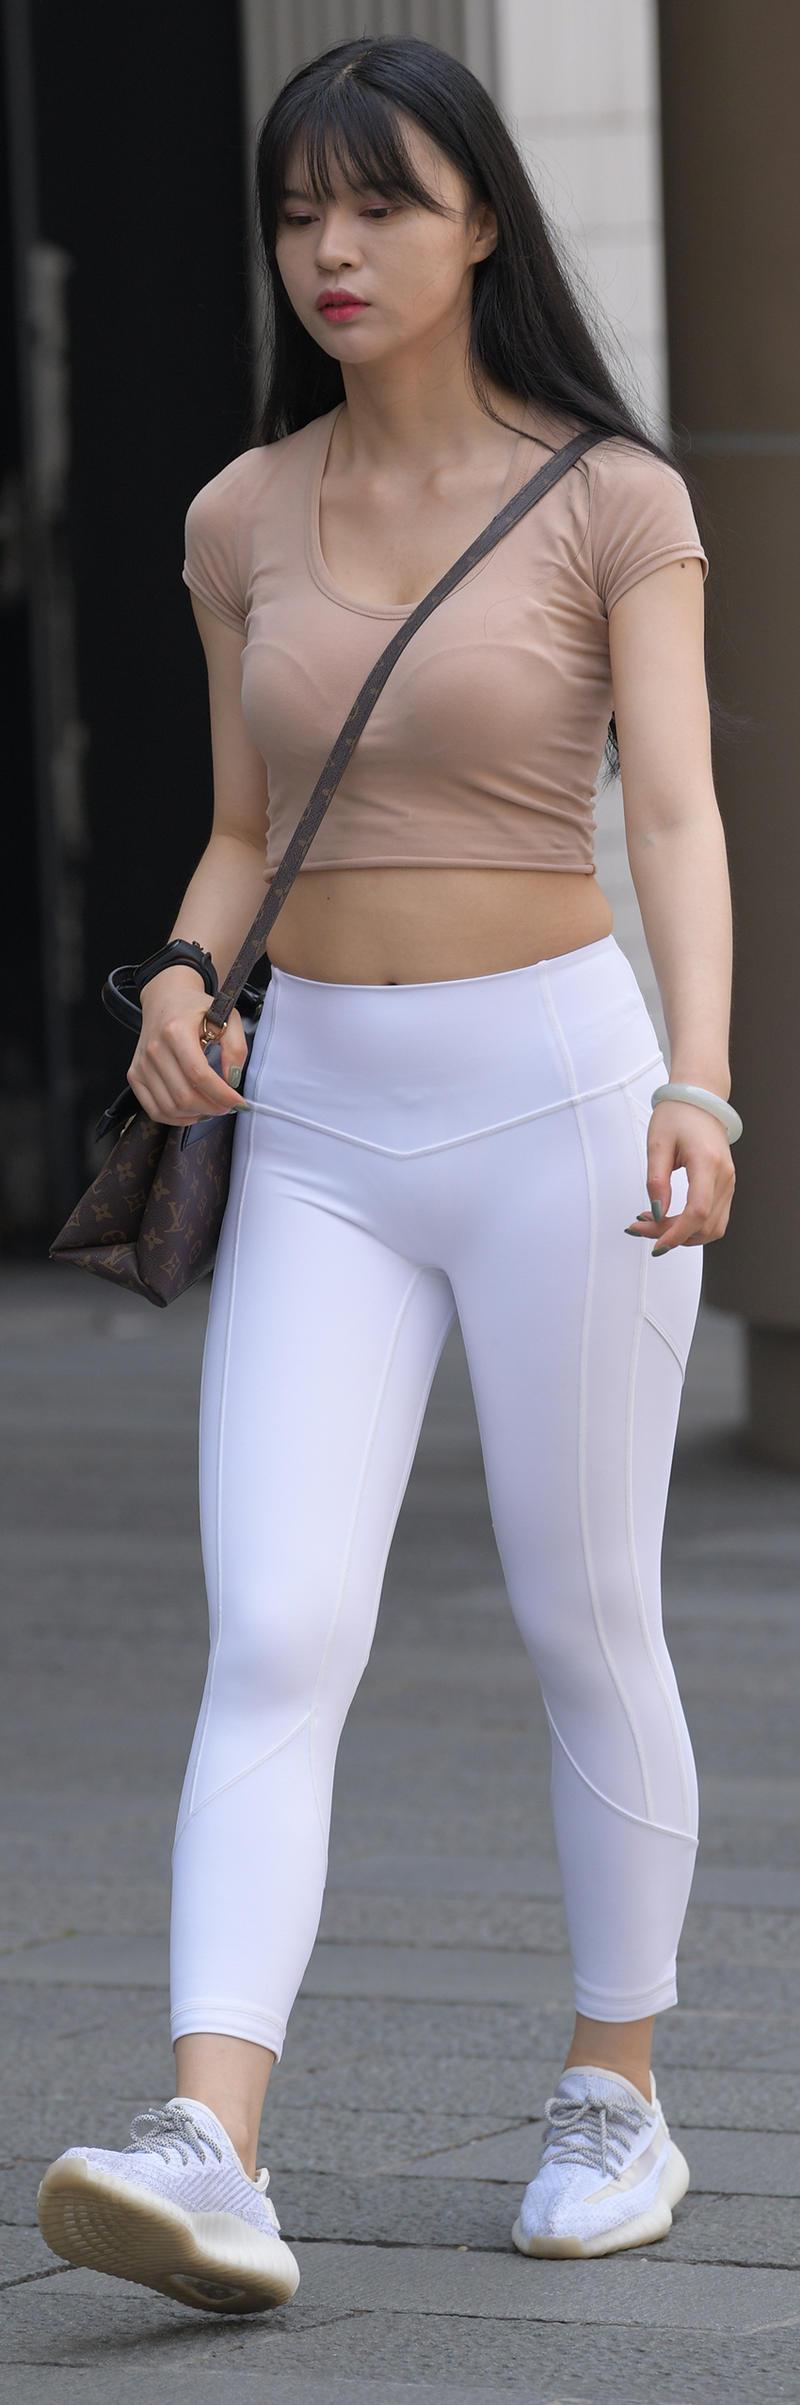 紧身裤瑜伽裤